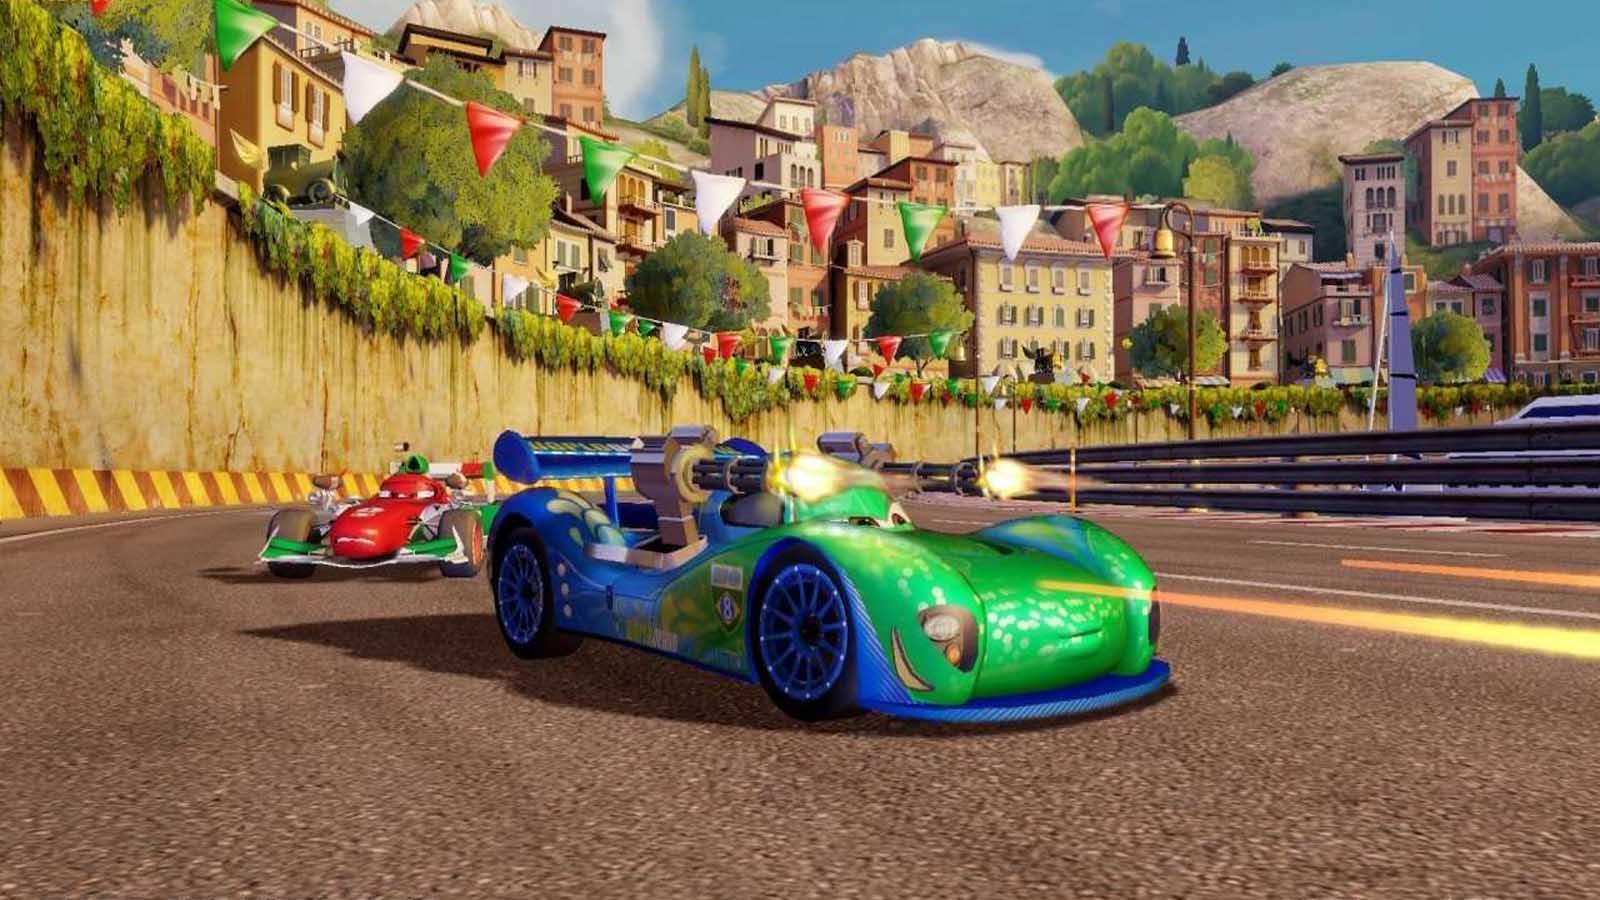 تحميل لعبة Cars 2 مضغوطة برابط واحد مباشر كاملة مجانا